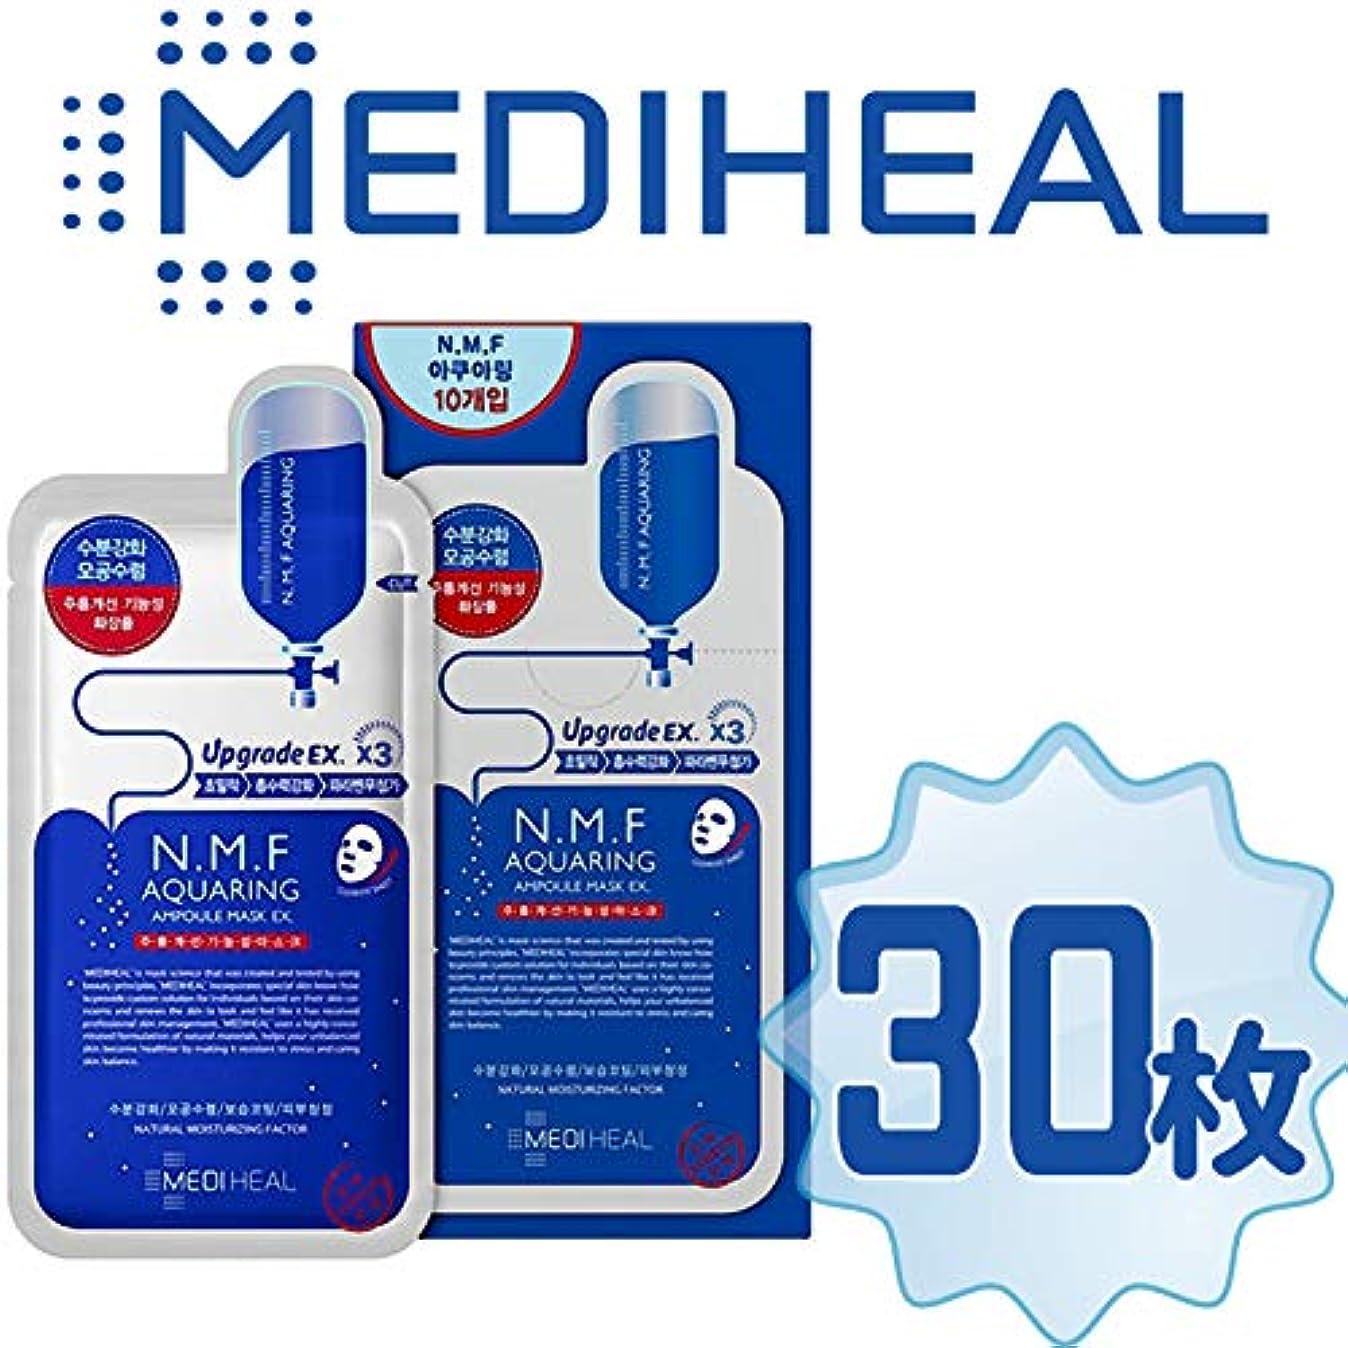 インターネット漫画ビスケット【正規輸入品】Mediheal メディヒール N.M.F アクアリング アンプル?マスクパックEX 10枚入り×3(Aquaring Ampoule Essential Mask PackEX 1box(10sheet)×3